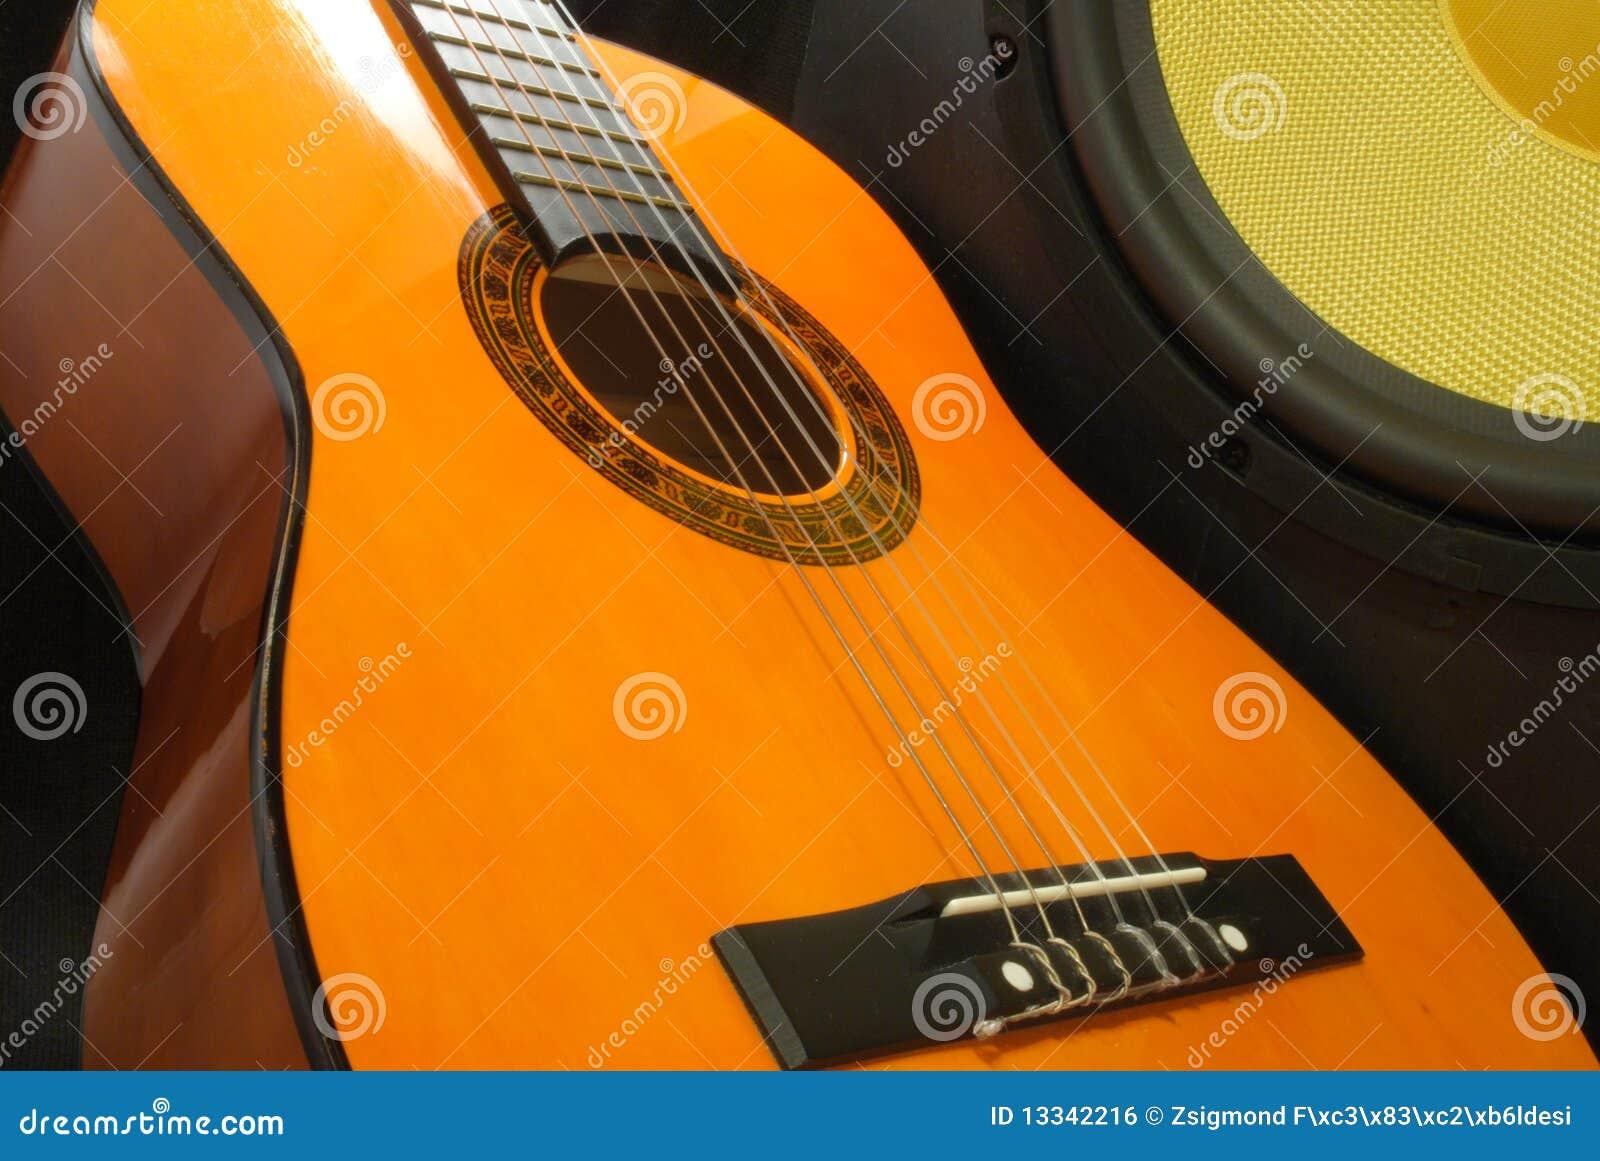 Ii muzyka